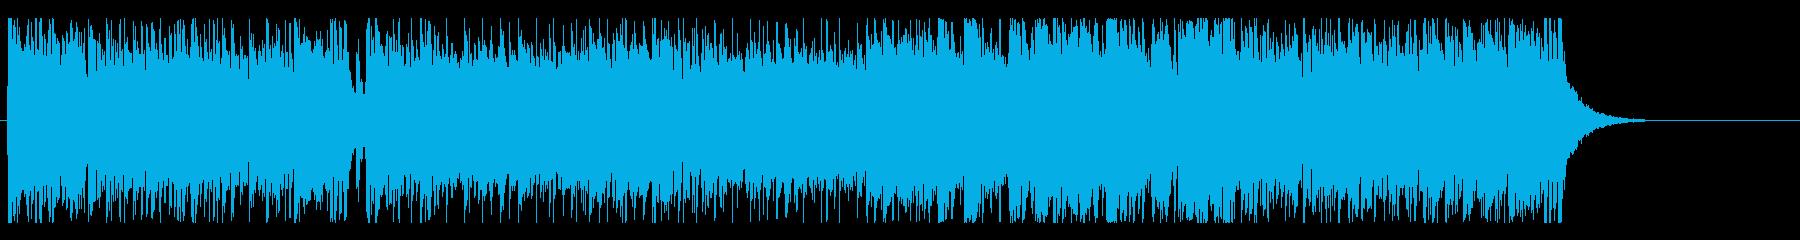 躍動感のあるいきいきとしたフュージョンの再生済みの波形